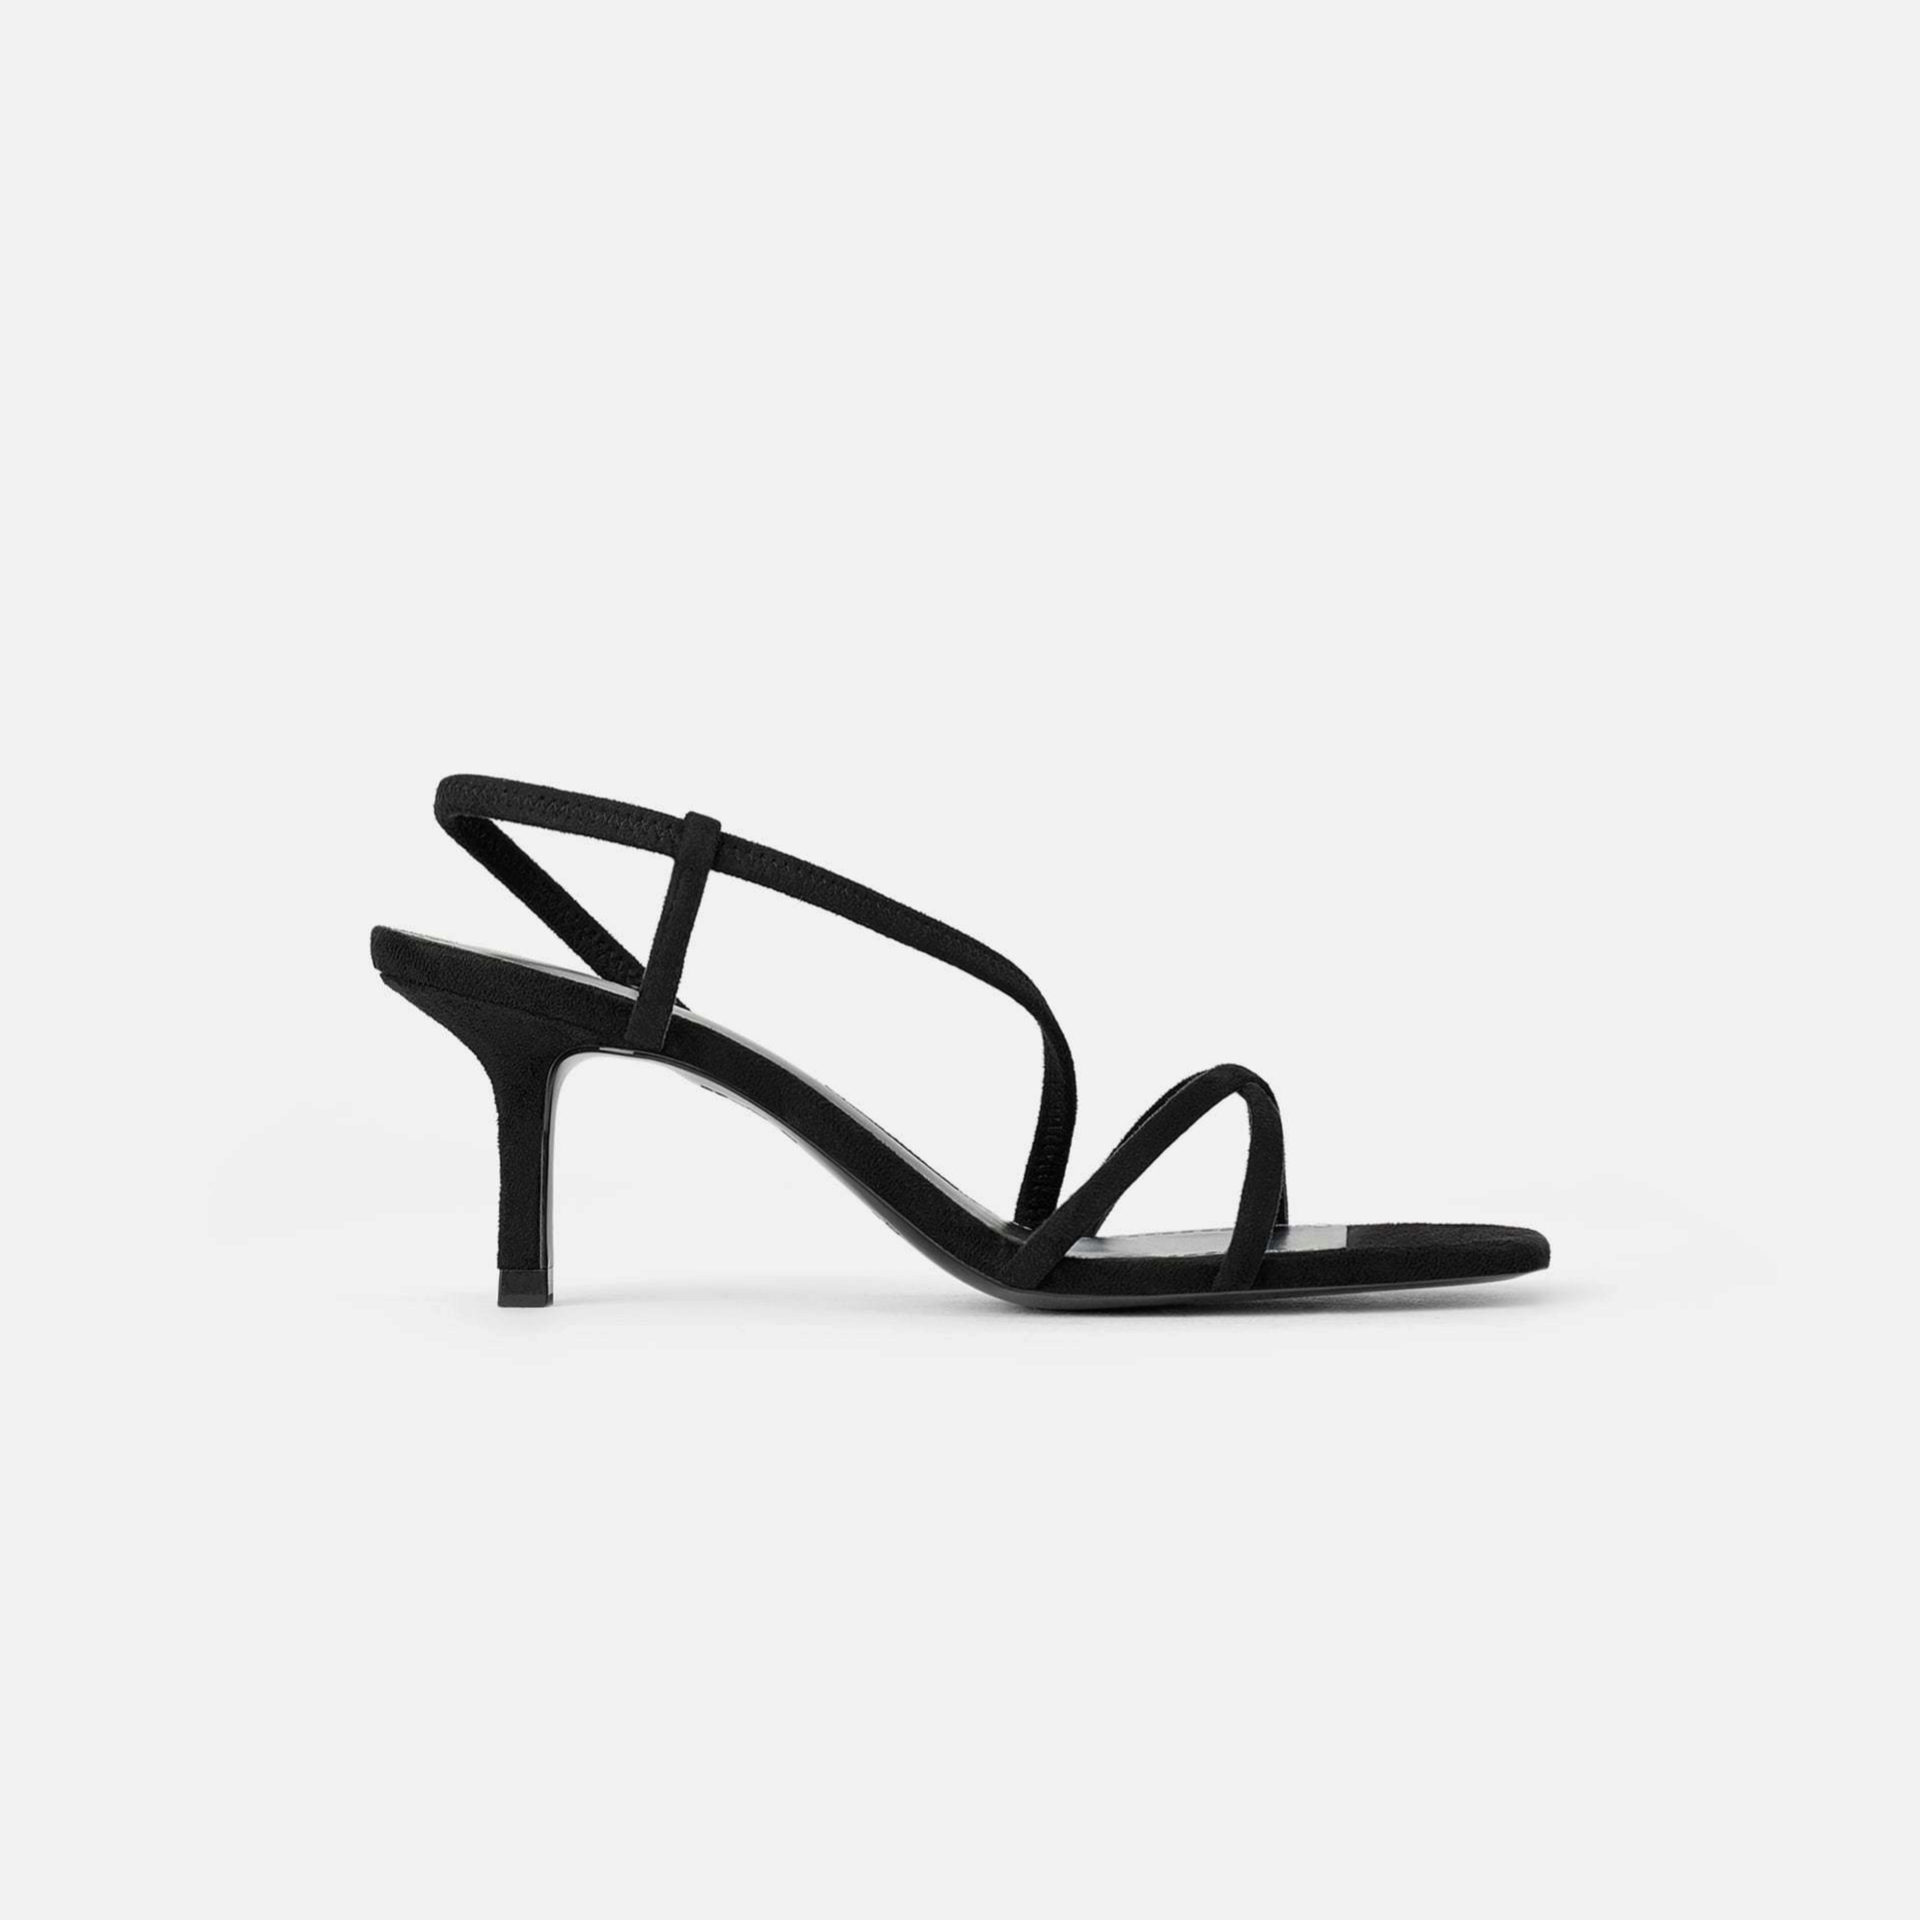 Sandalias de estilo minimal en negro de Zara